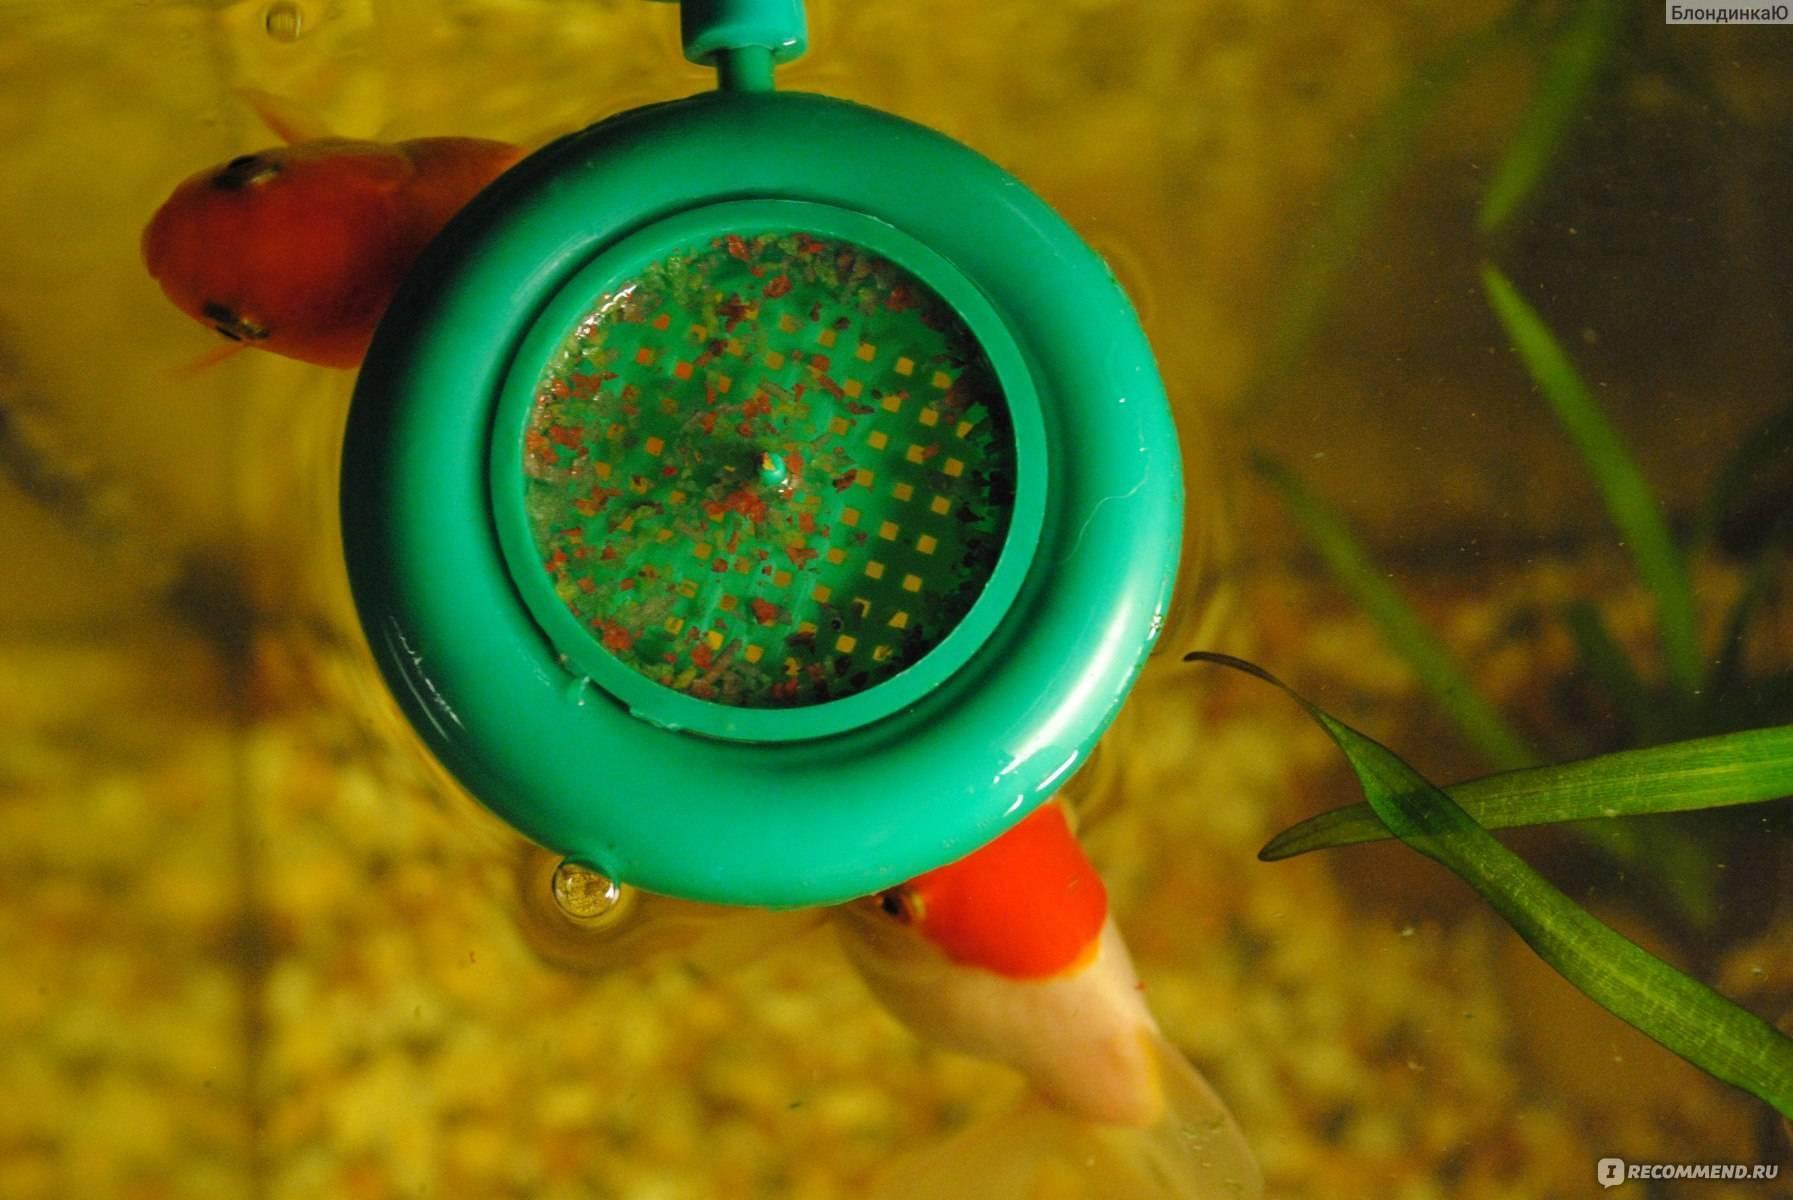 Автокормушка для аквариума:плюсы,минусы,как выбрать?